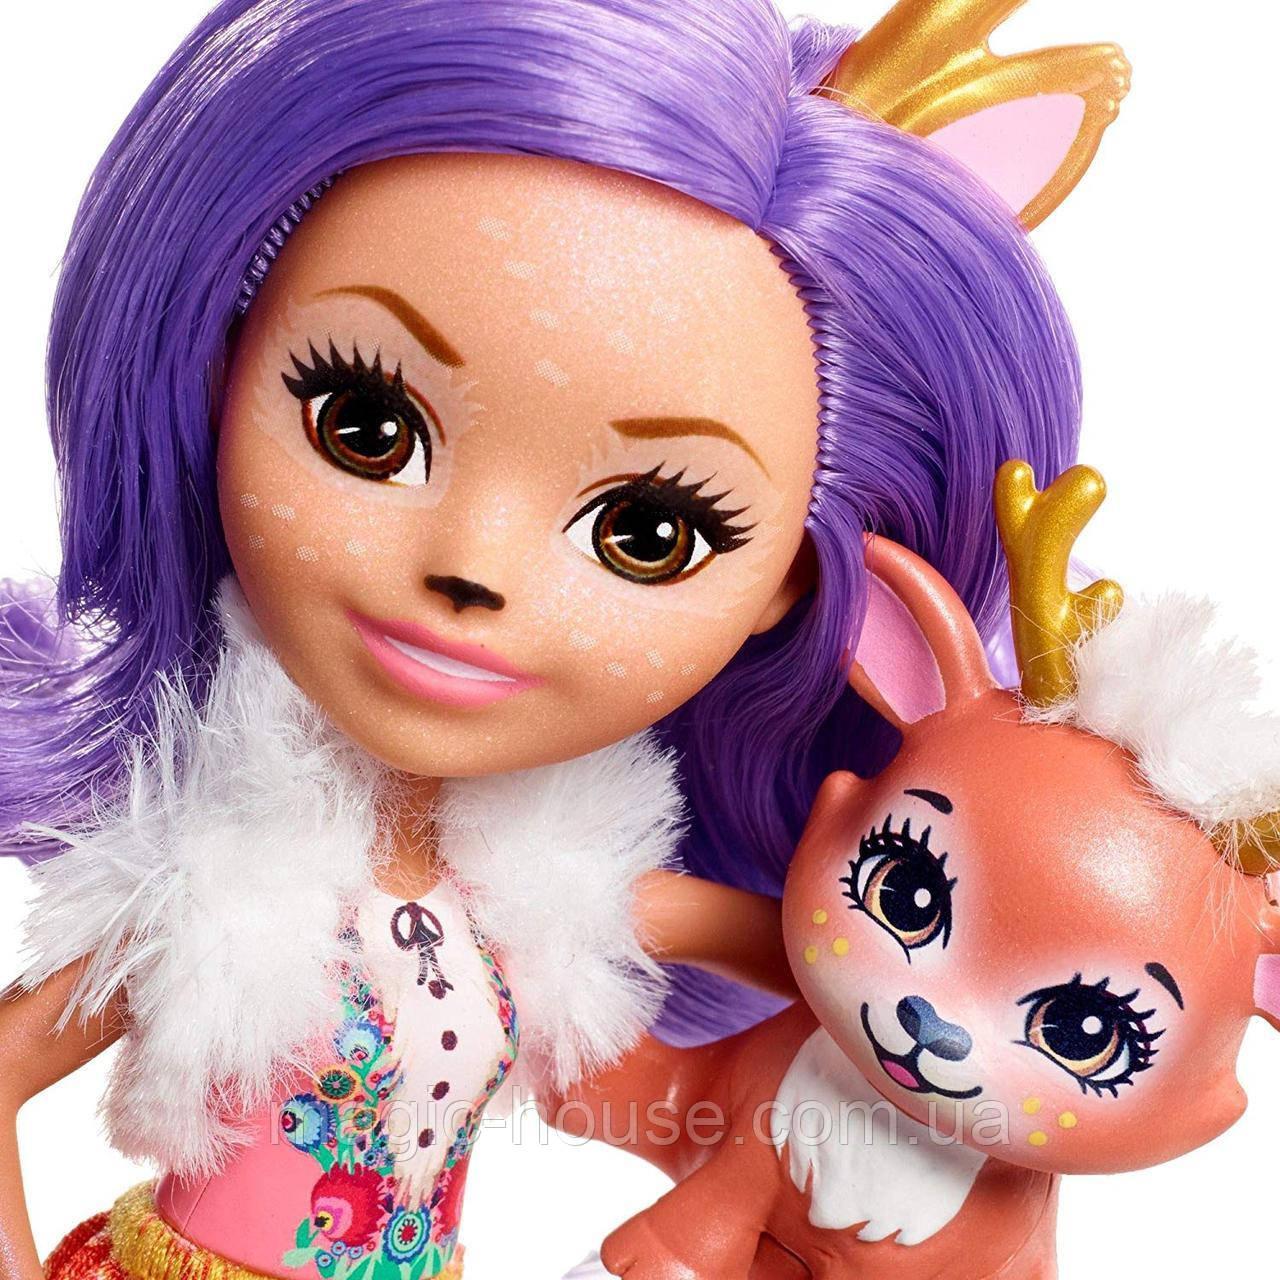 КуколкаEnchantimalsДанесса Олень и ее питомецСпринт Danessa Deer